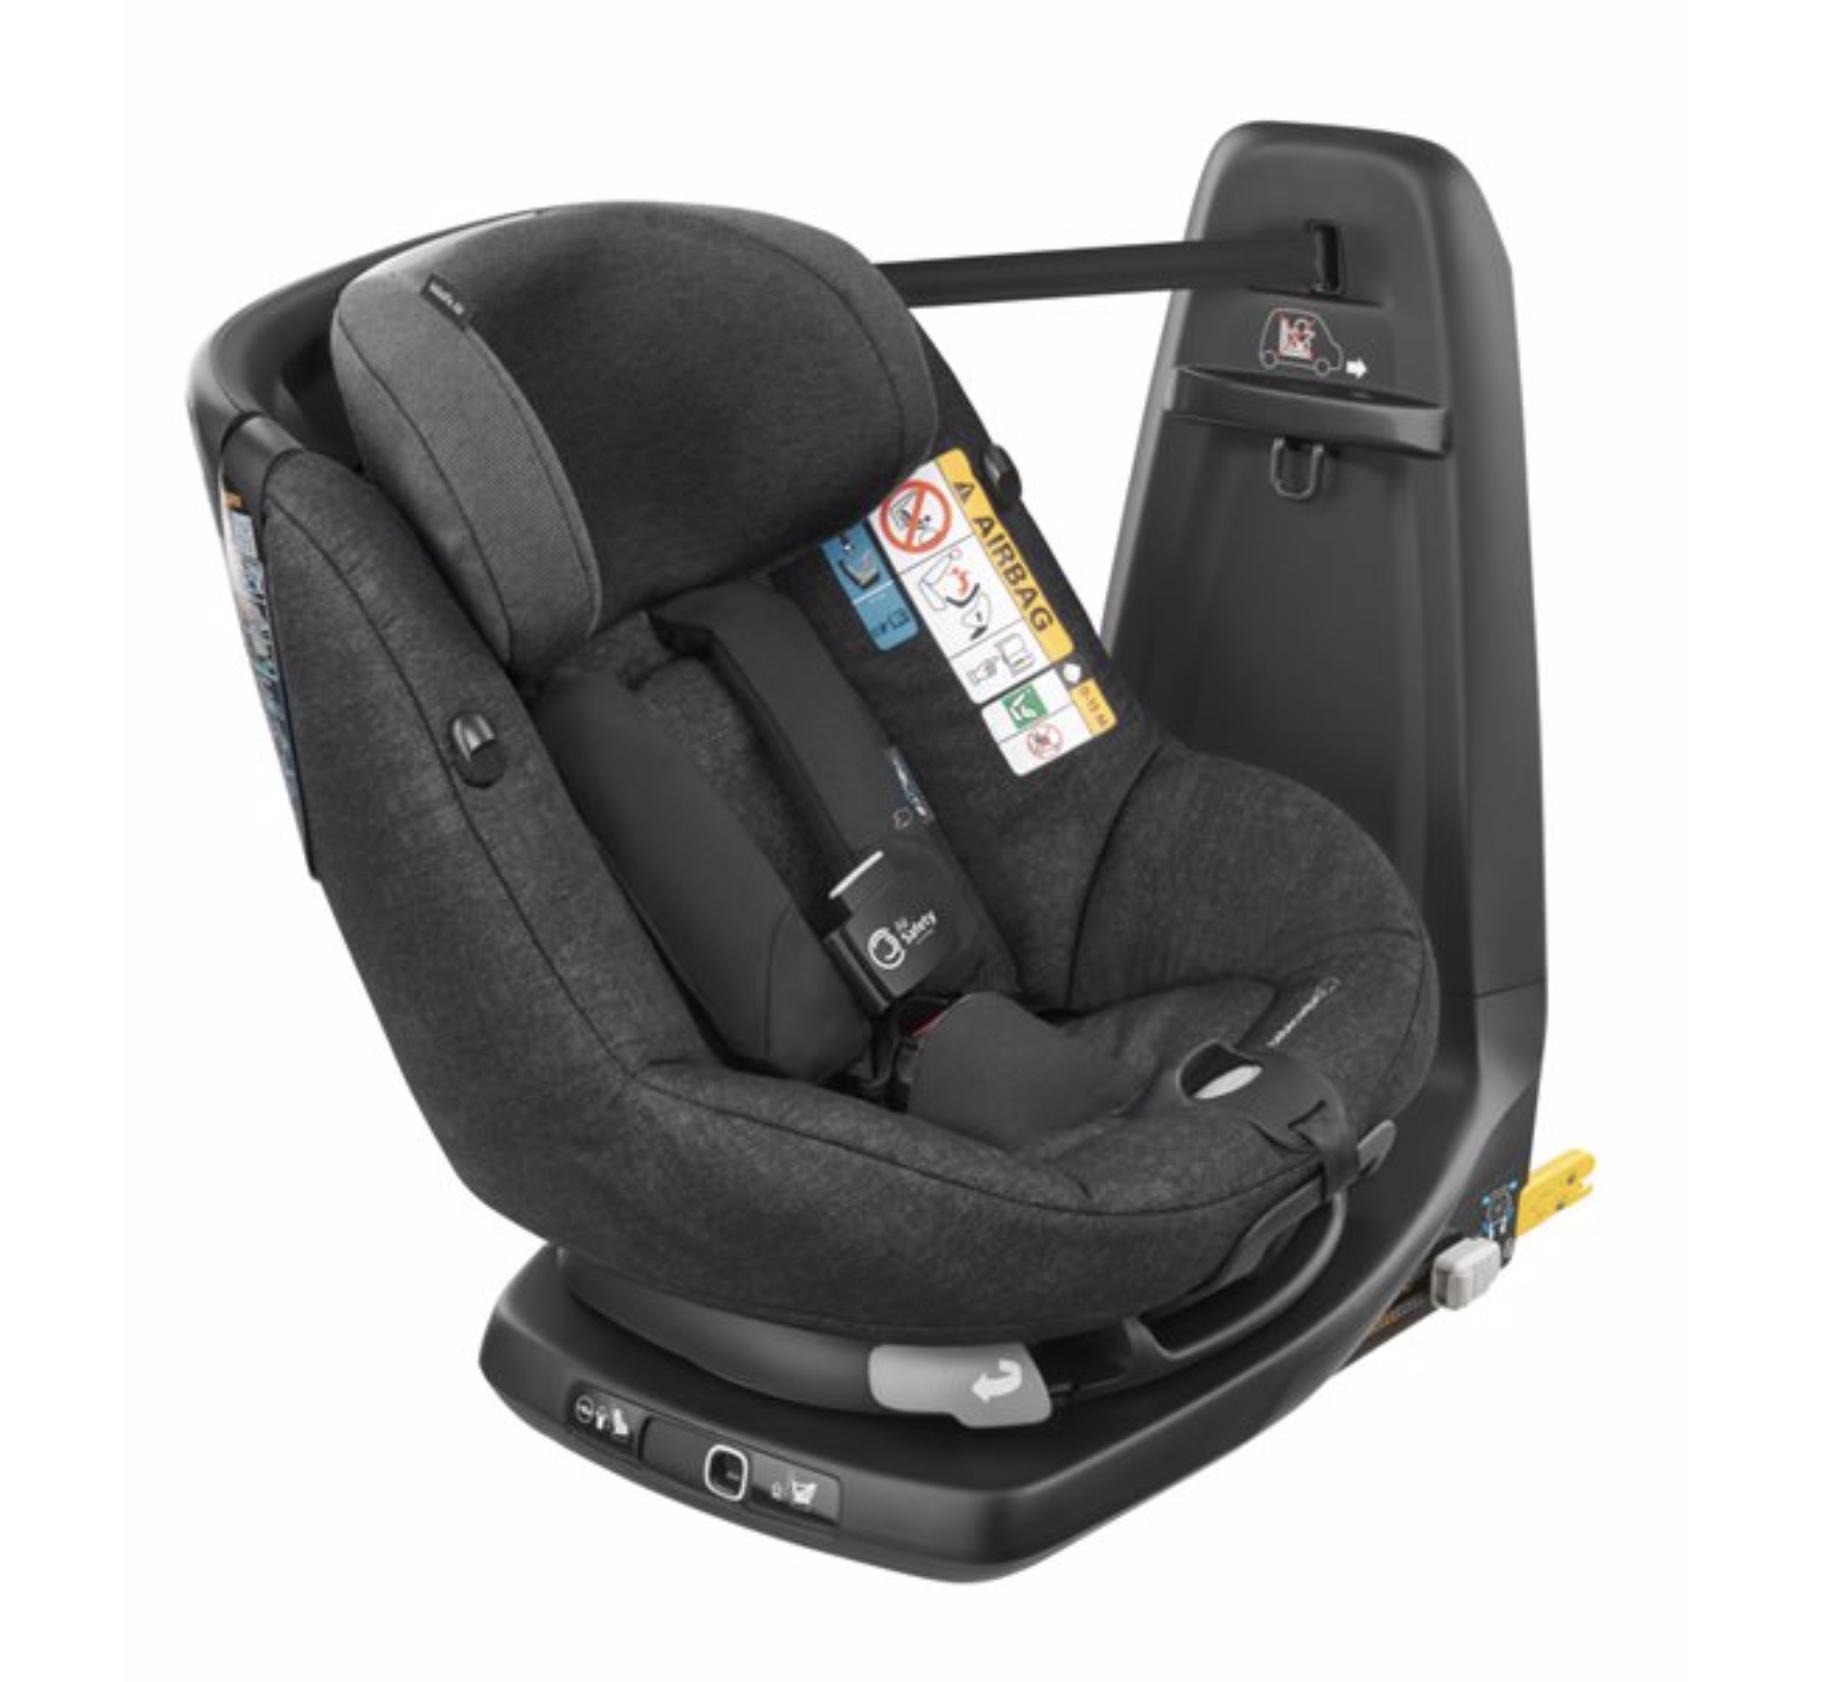 Silla AxissFix Air Bebé Confort Nomad Black